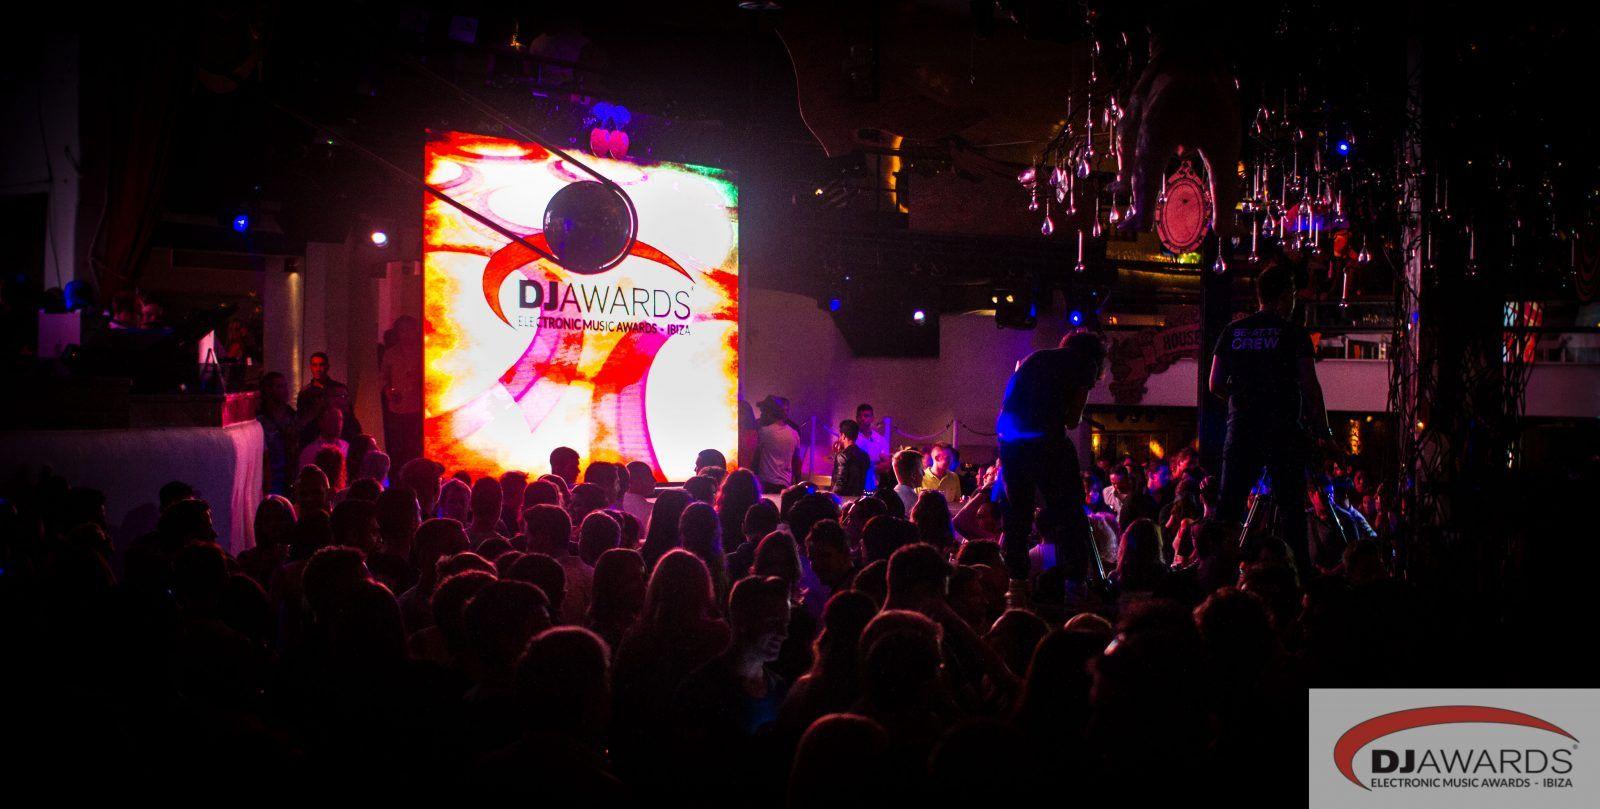 djawards2014-38-91.jpg